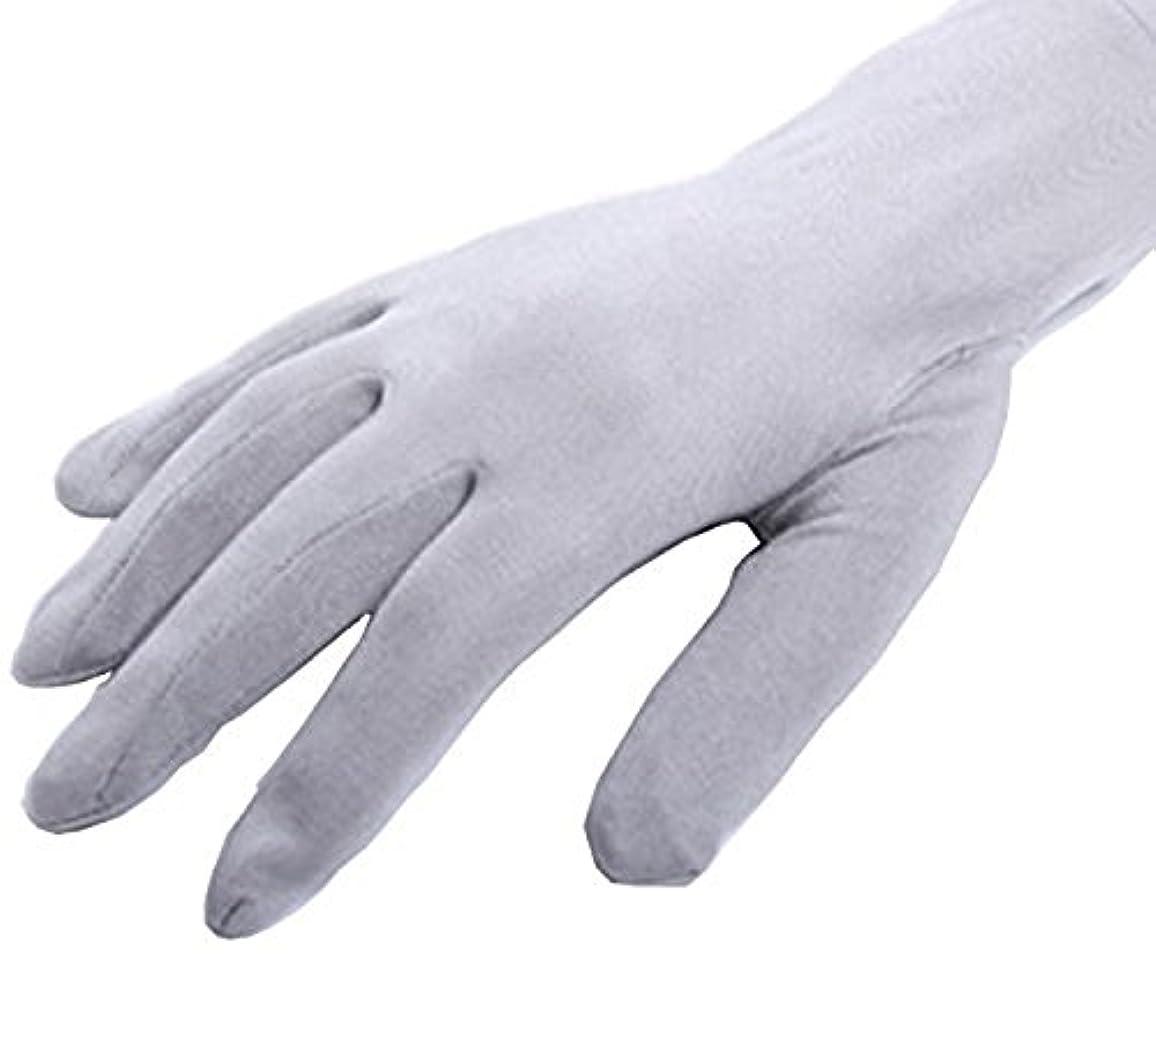 野菜療法満了CREPUSCOLO 手荒れ対策! シルク手袋 おやすみ 手袋 保湿ケア UVカット ハンドケア シルク100% 全7色 (ライトグレー)